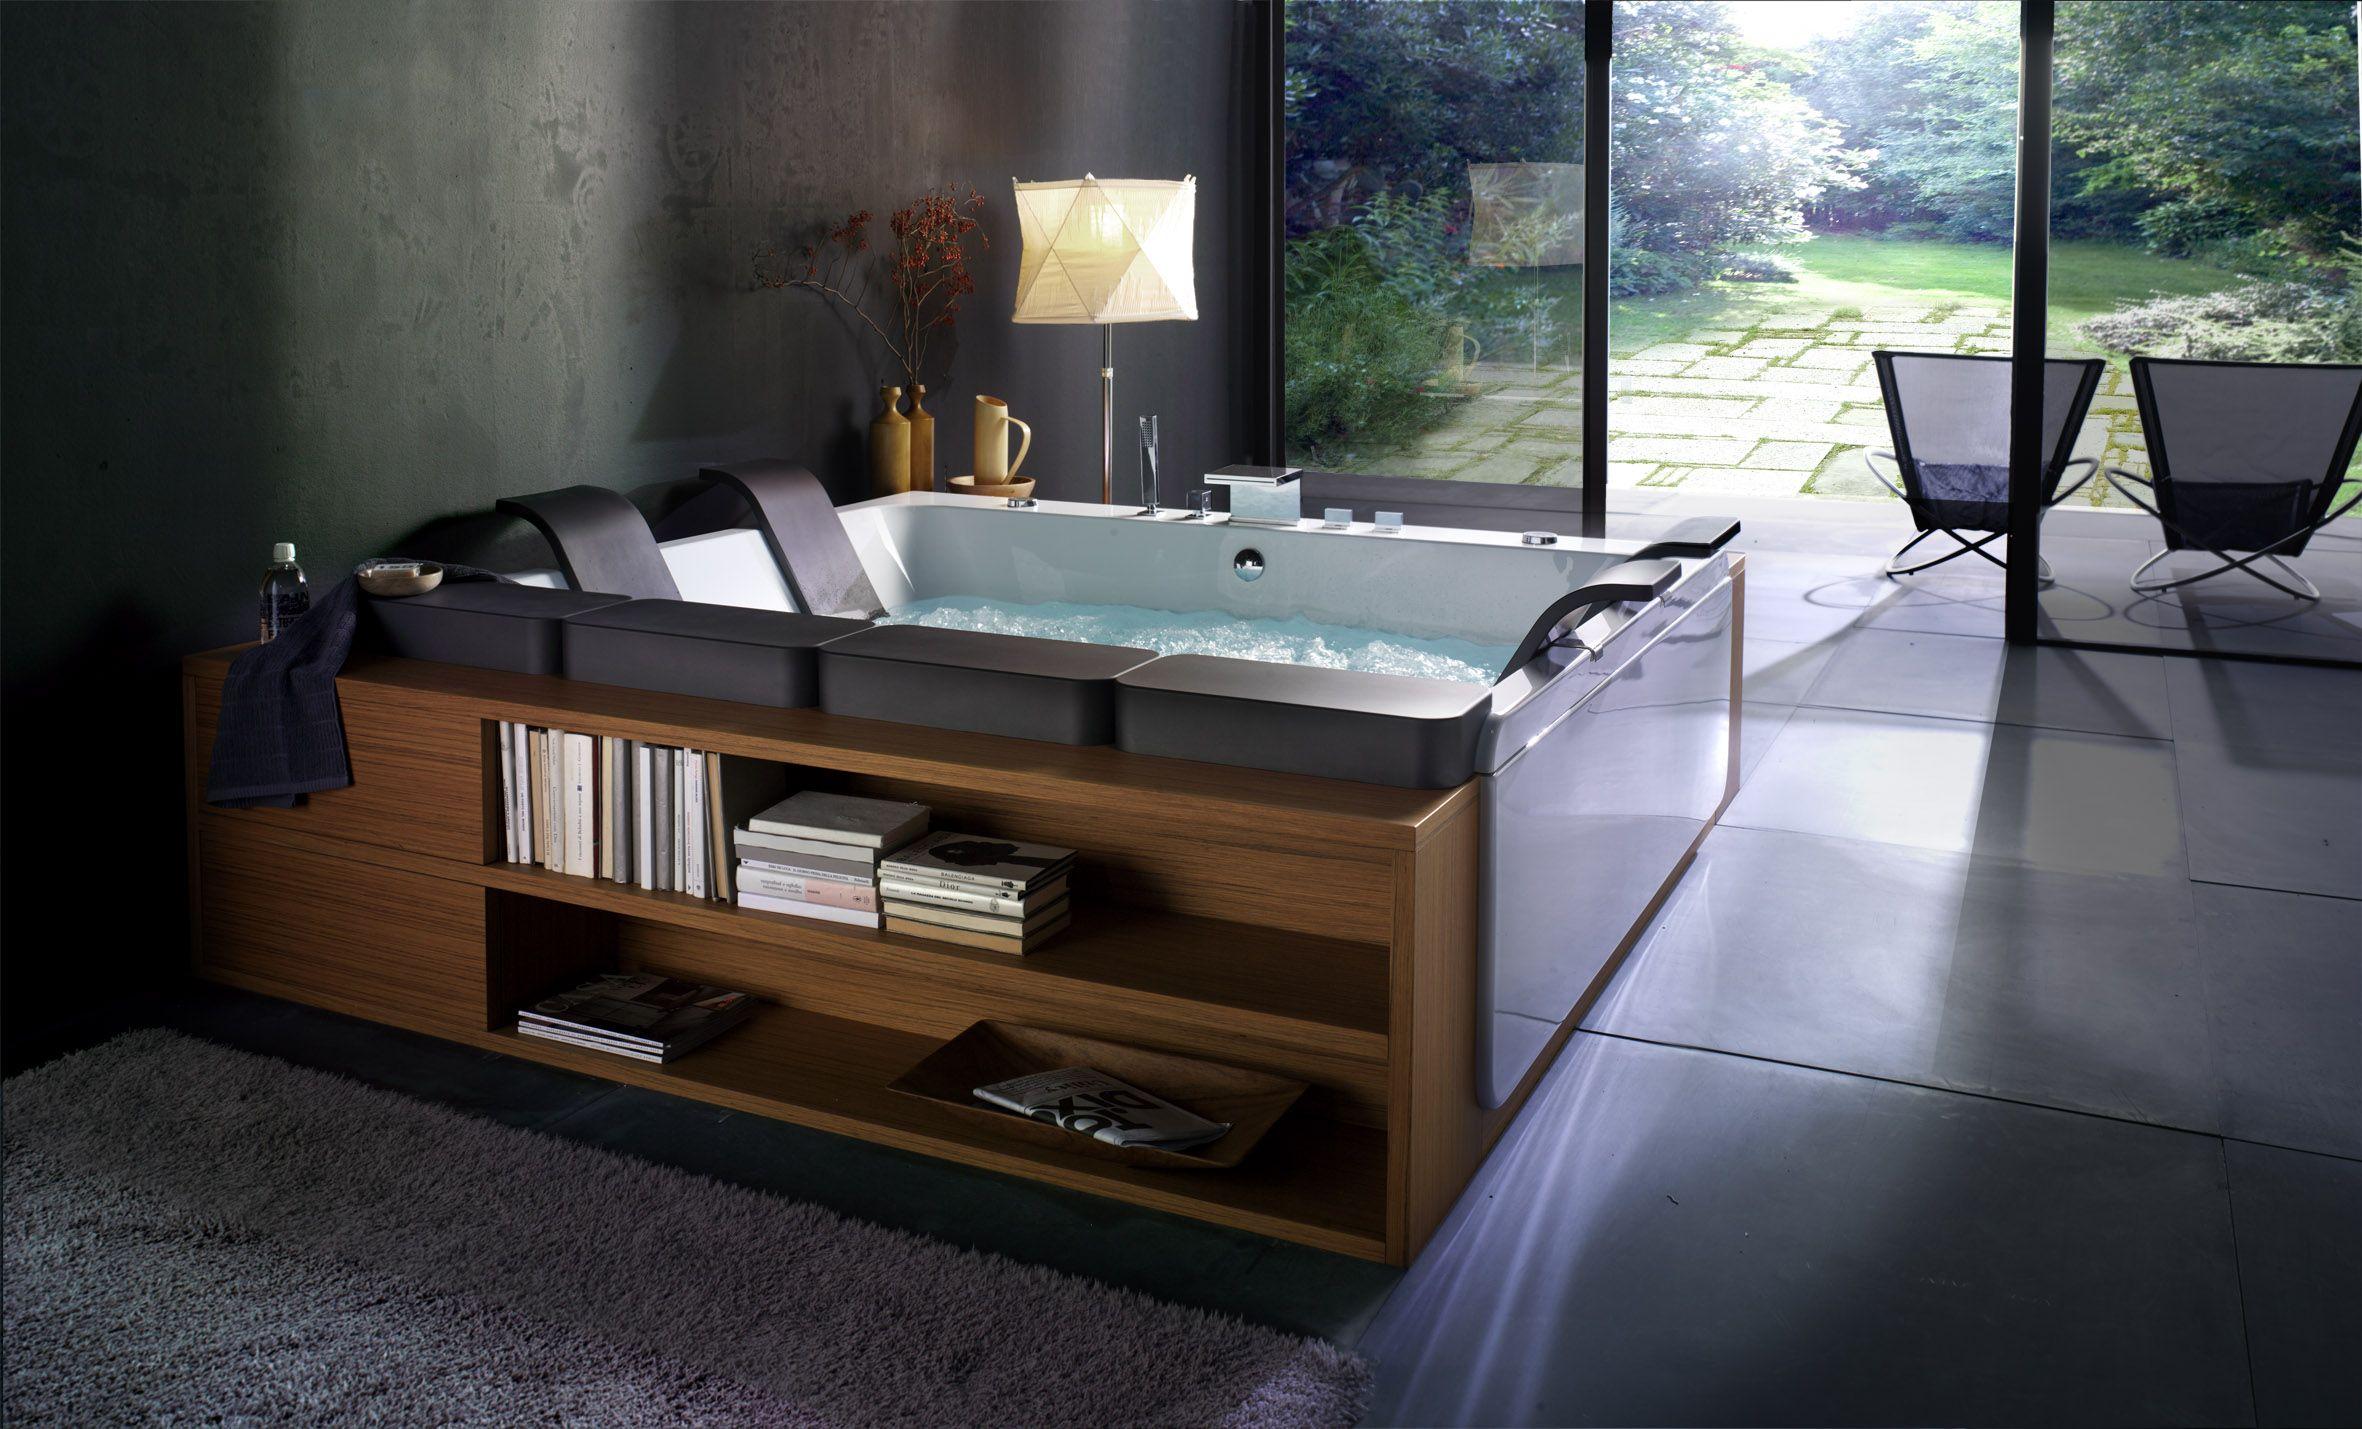 Blubleu da sempre luoghi del relax per eccellenza la - Cinque terre dove fare il bagno ...